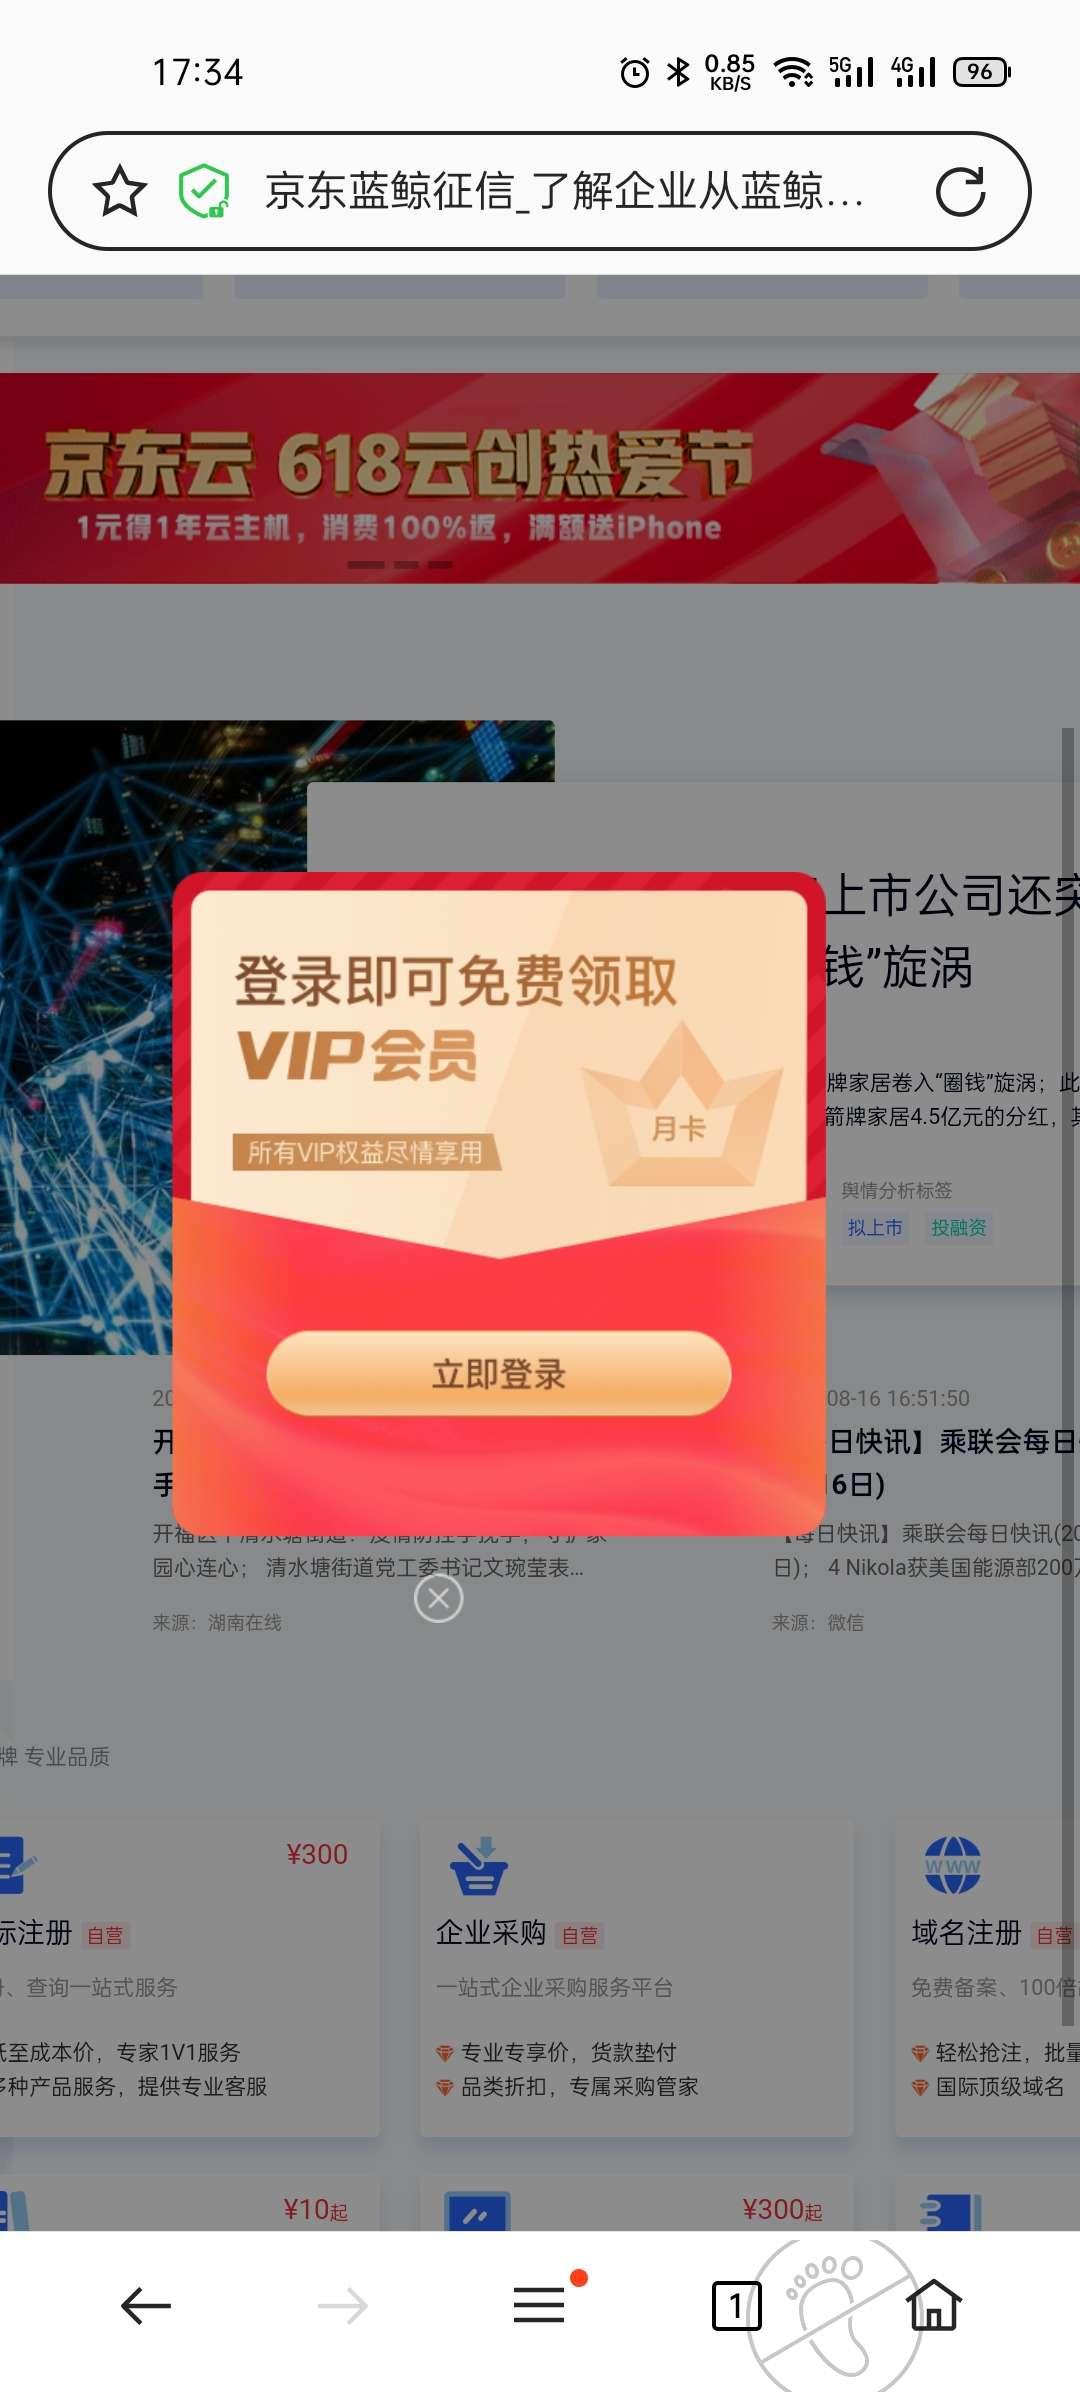 【虚拟物品】京东查询企业月卡会员插图